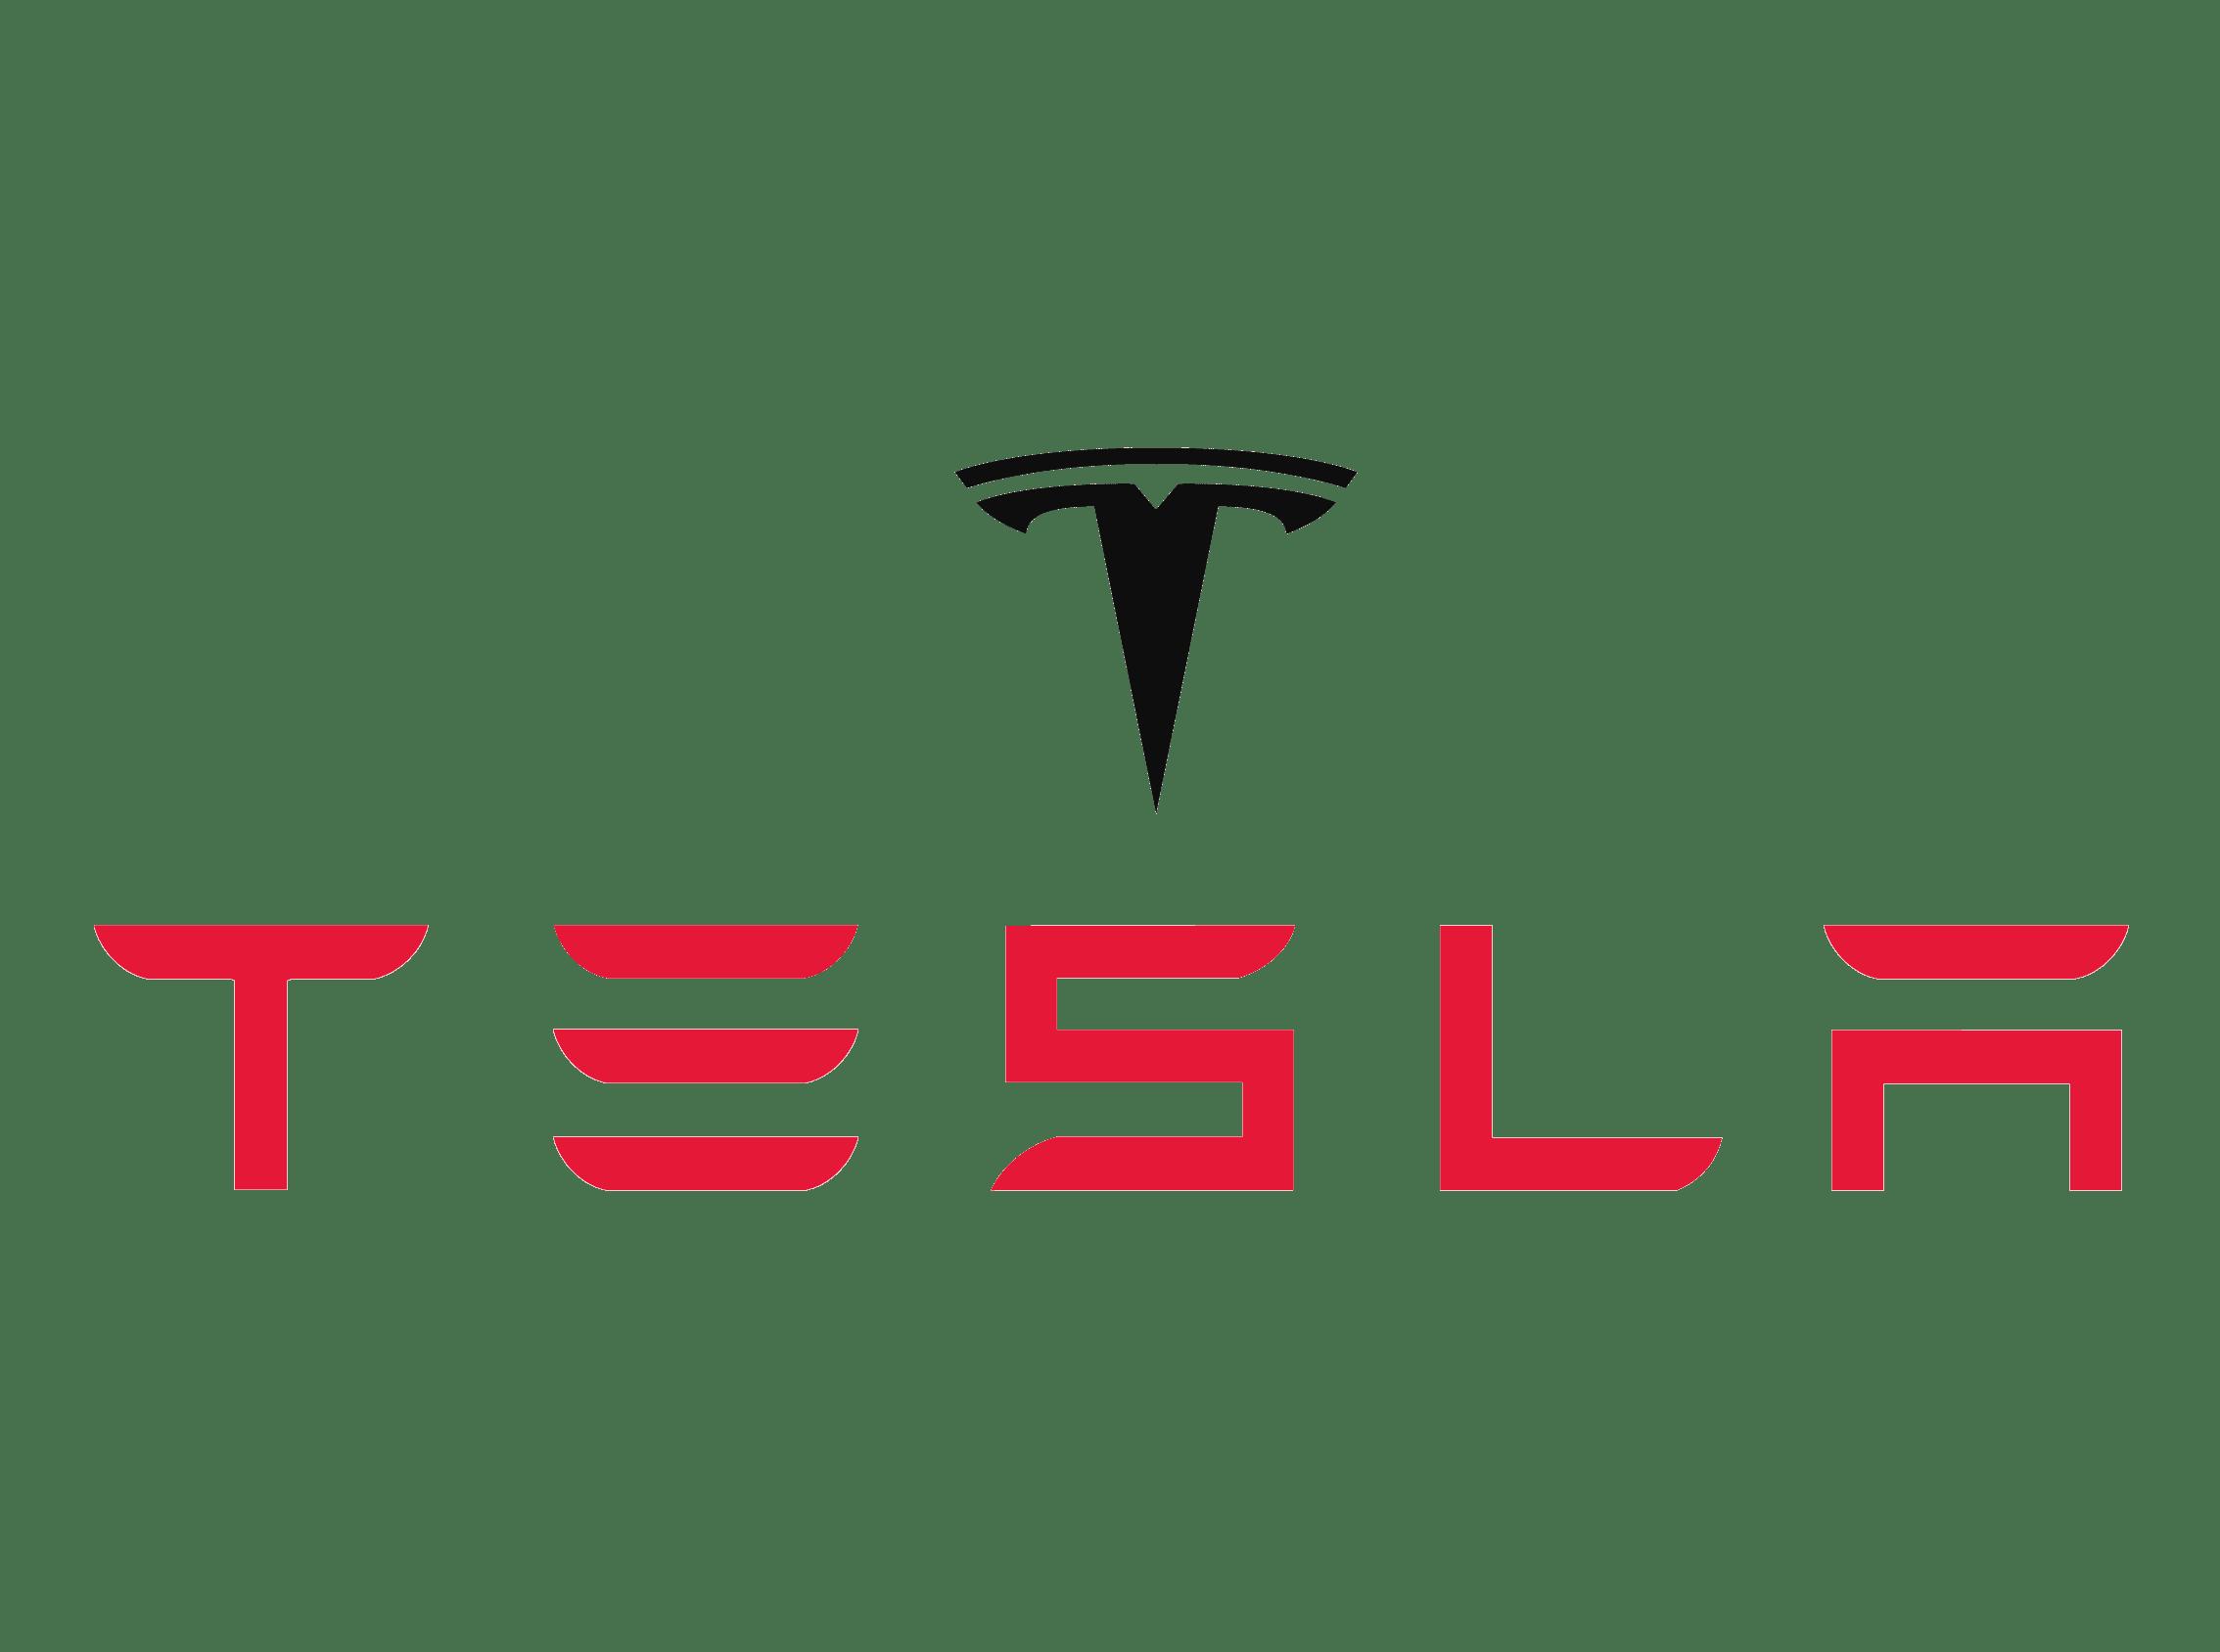 Nunca volverás a mirar el logotipo de Tesla de la misma manera